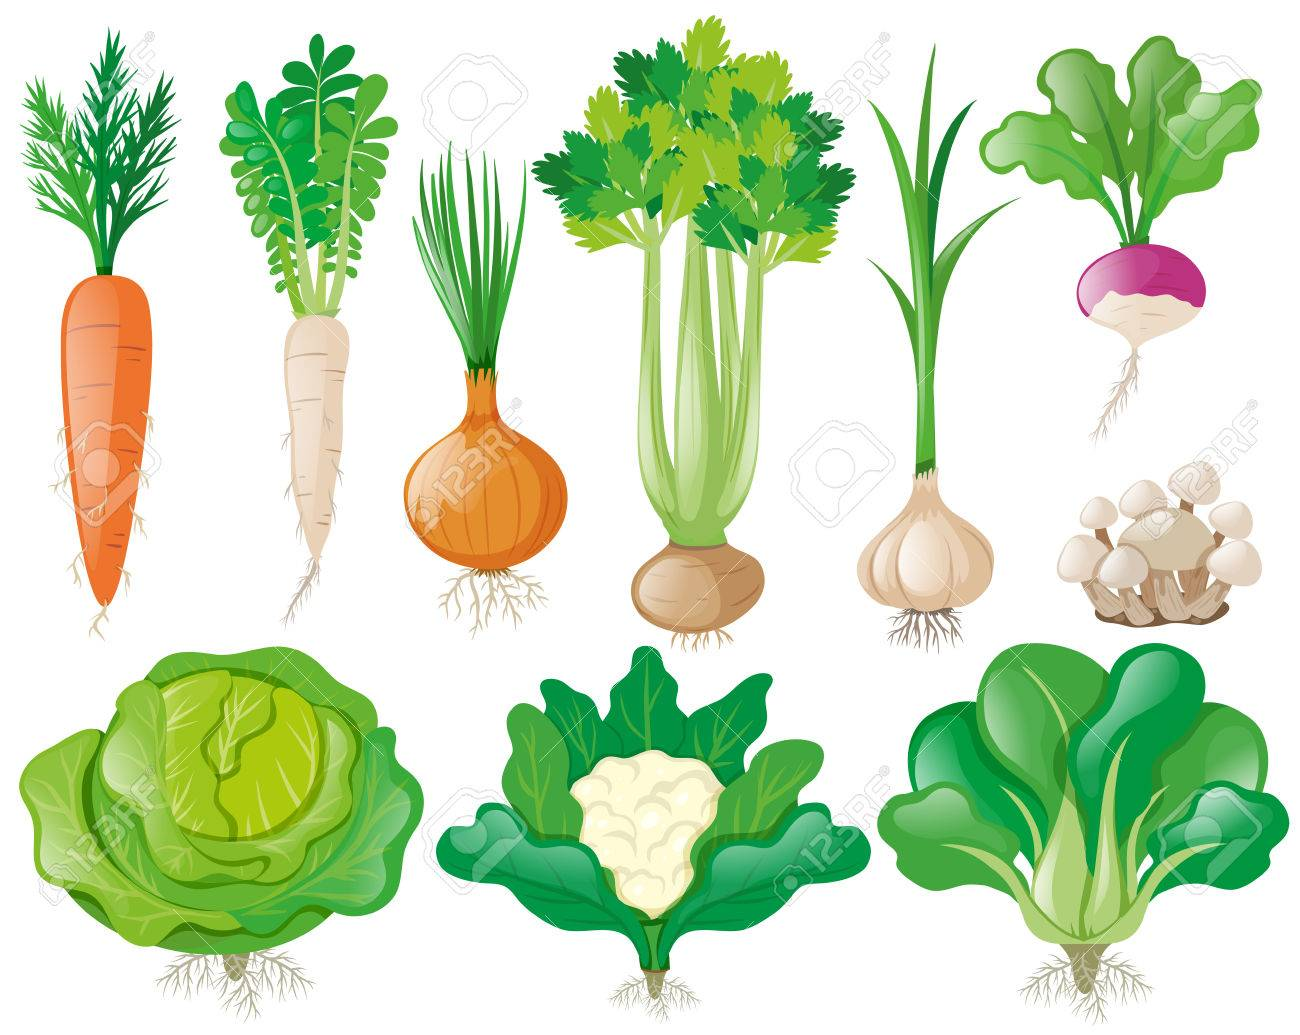 野菜イラストの種類のイラスト素材ベクタ Image 75094959